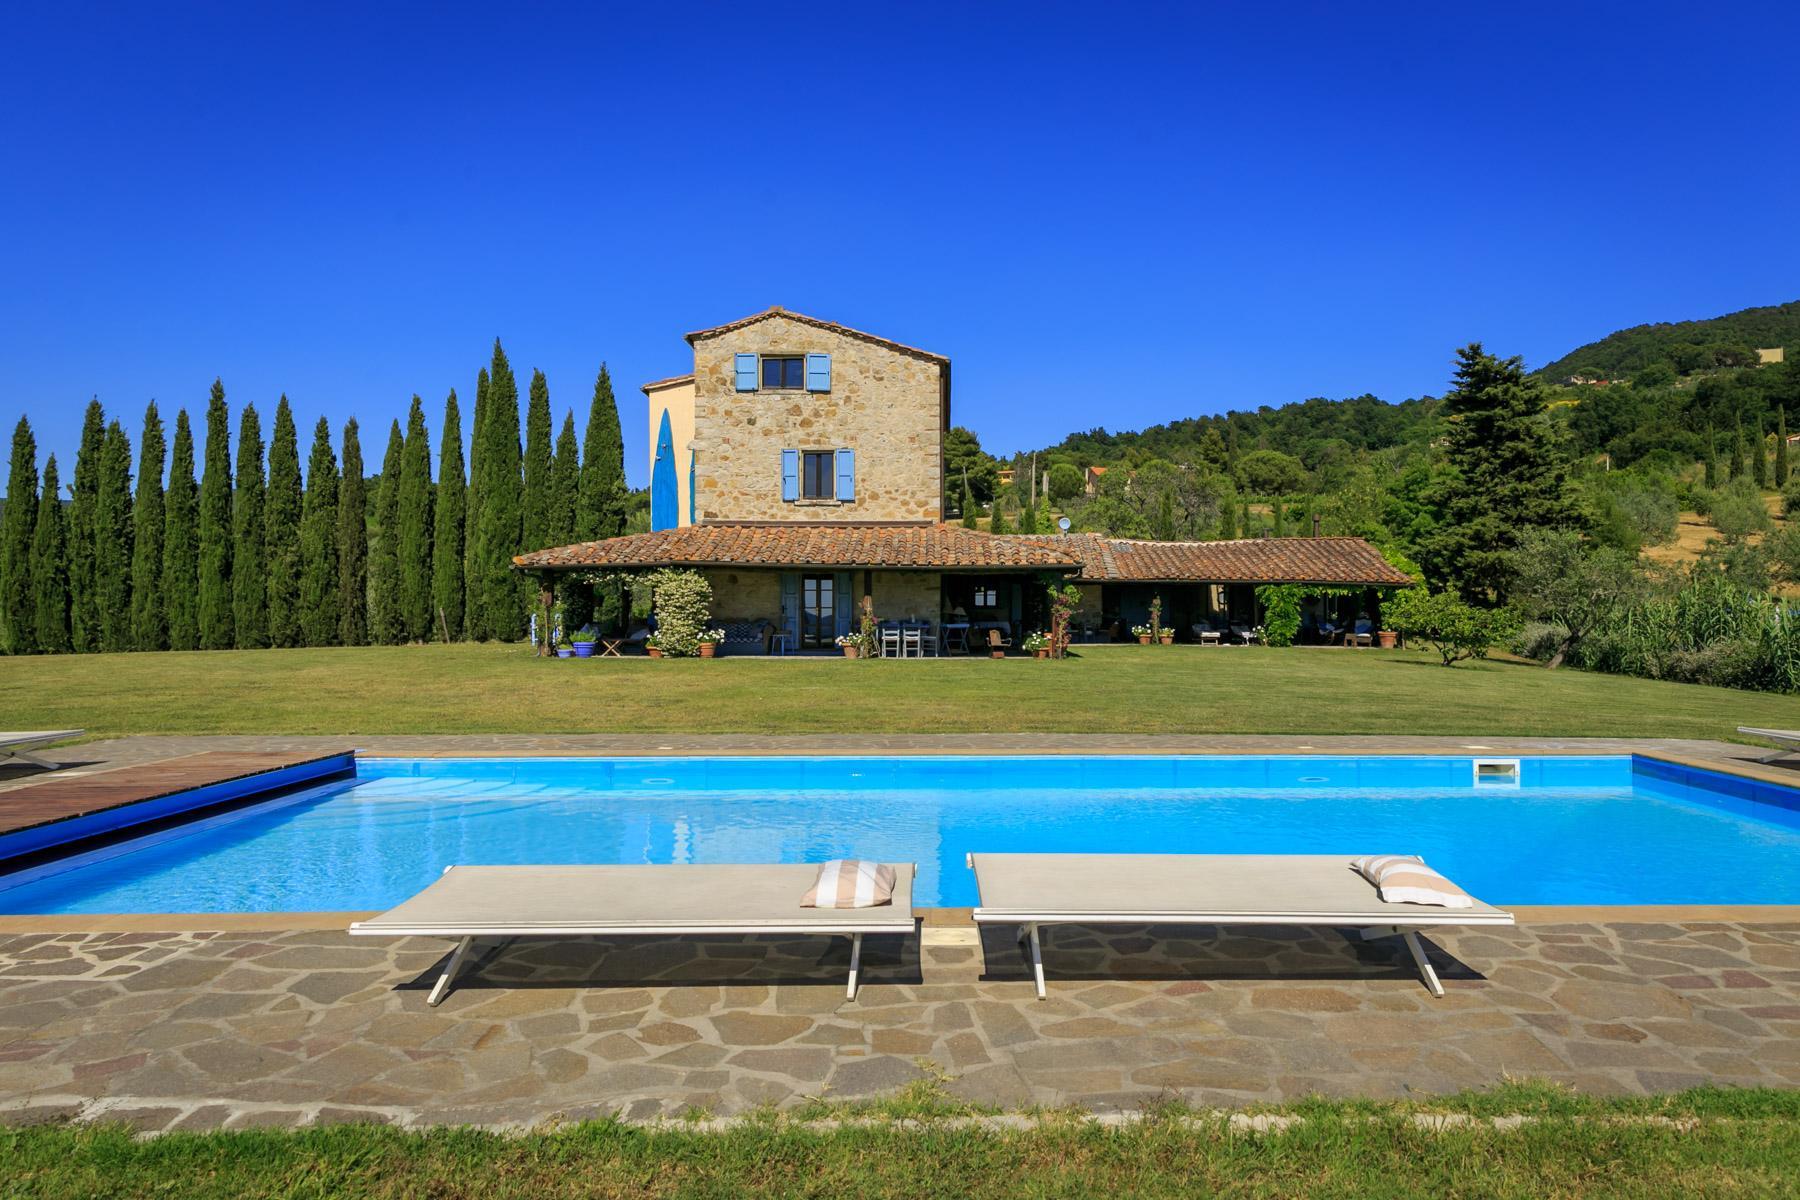 Wunderschöne toskanische Villa mit Pool - 2